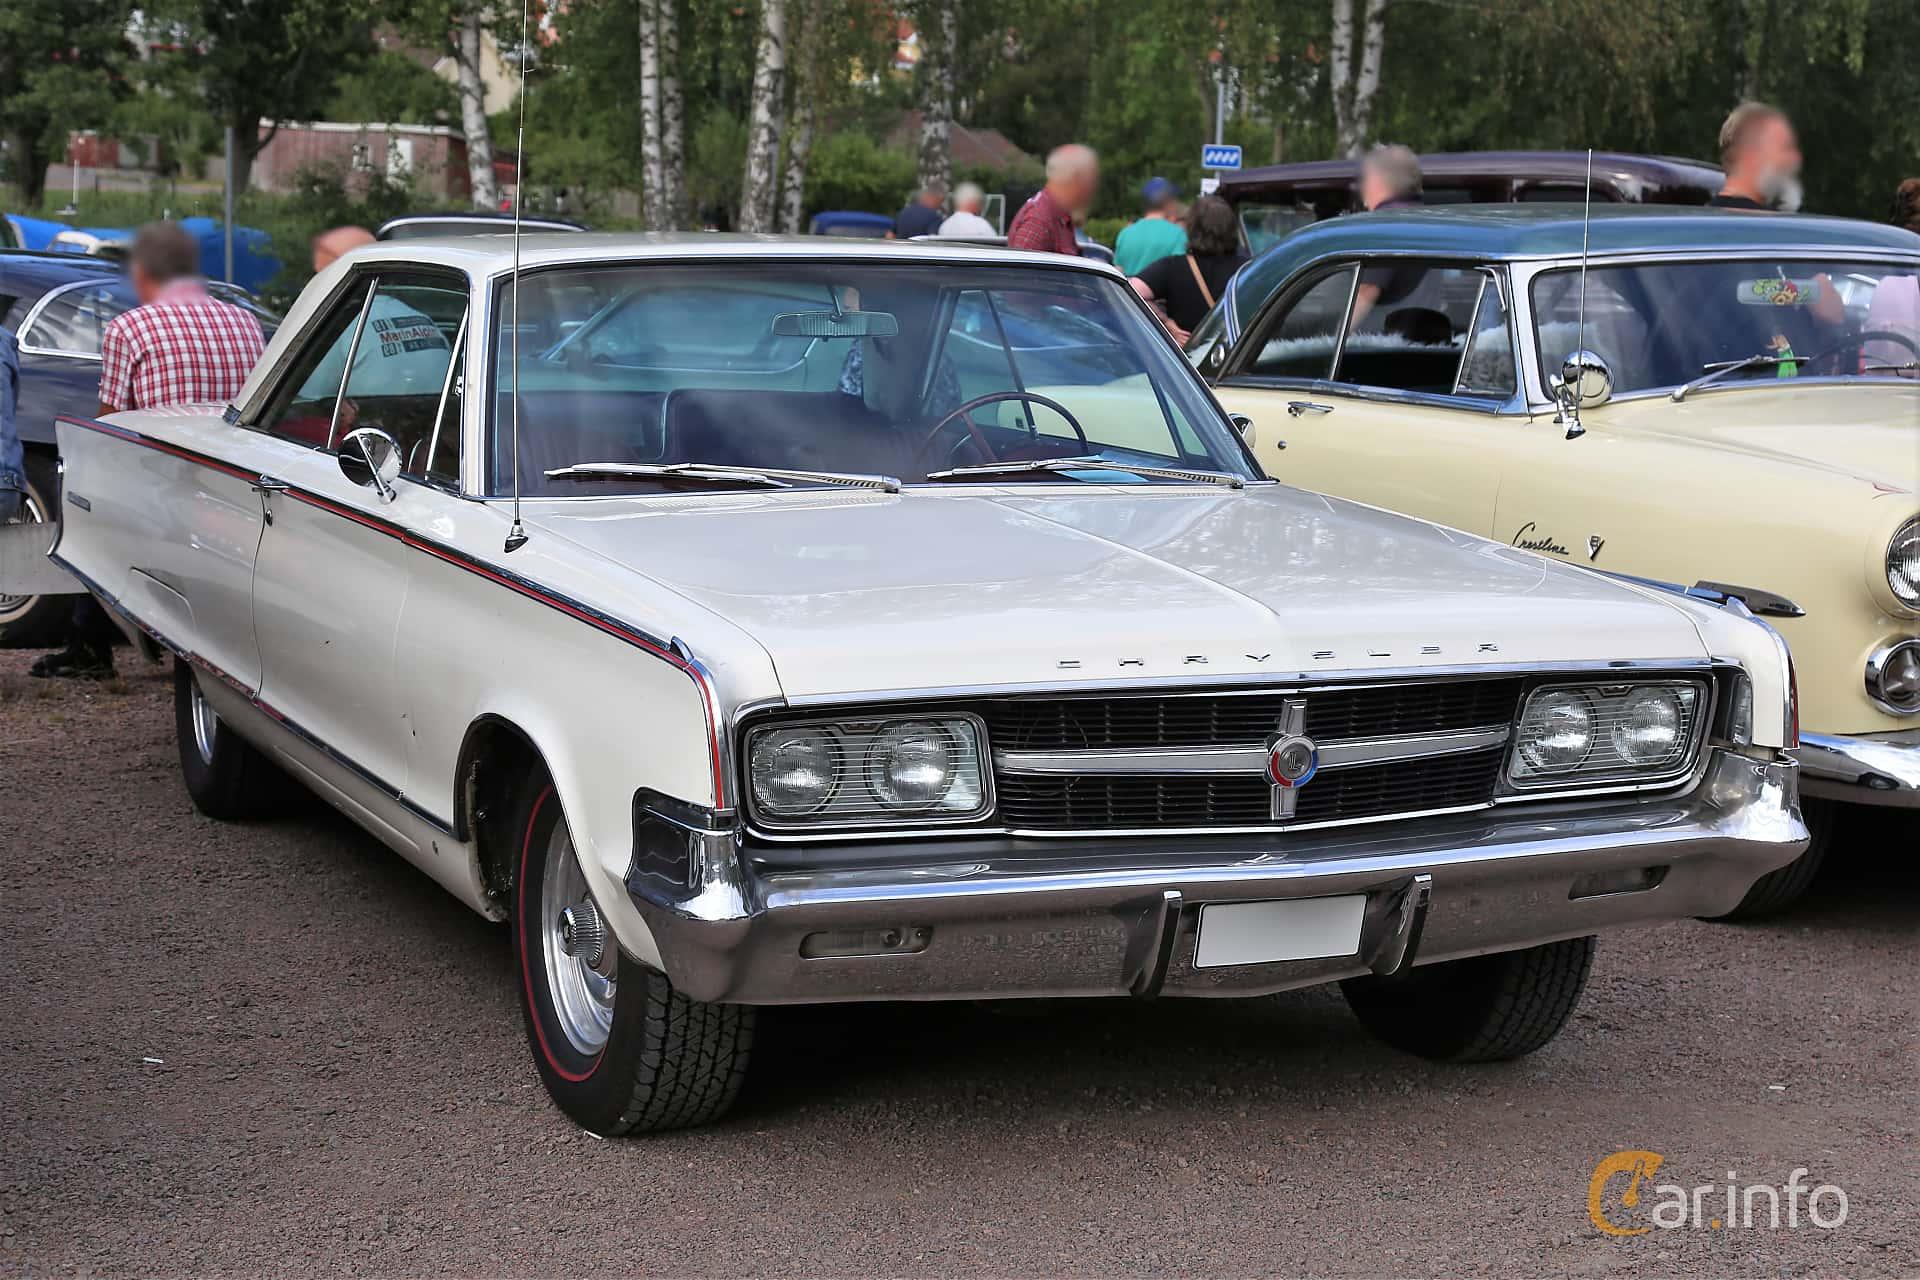 Chrysler 300L Hardtop 6.8 V8 TorqueFlite, 365hp, 1965 at Kungälvs Kulturhistoriska Fordonsvänner  2019 Torsdag vecka 31